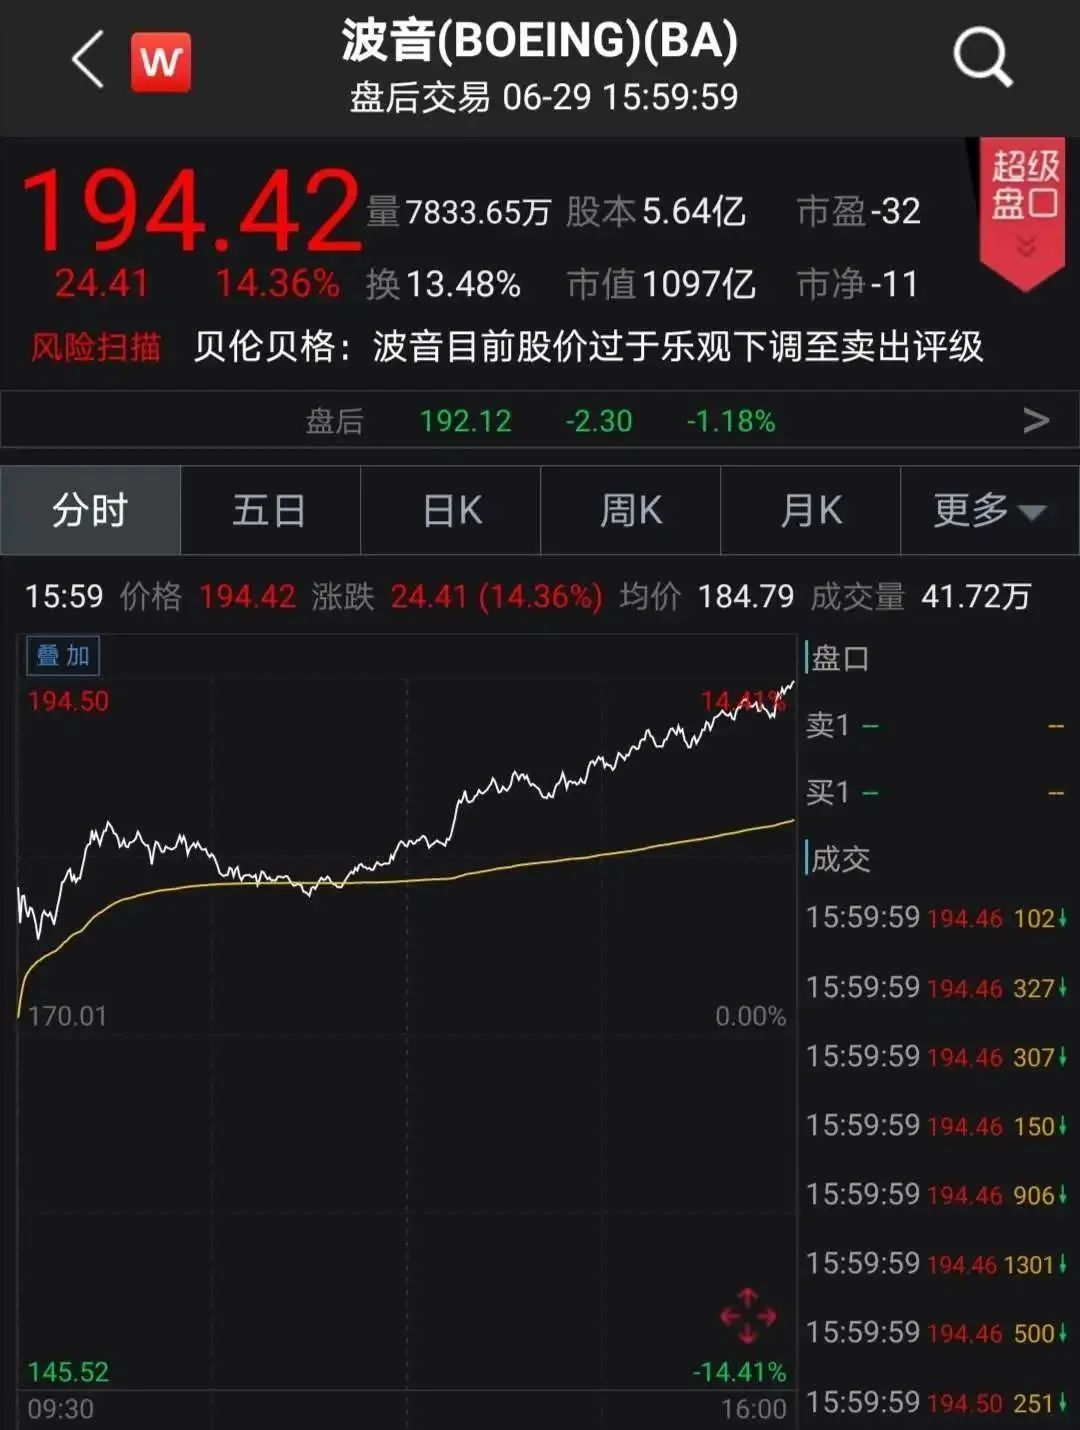 昨晚,美股涨超1%!确诊超1000万,全球疫情失控了吗?病毒变异了吗?吴尊友回应了